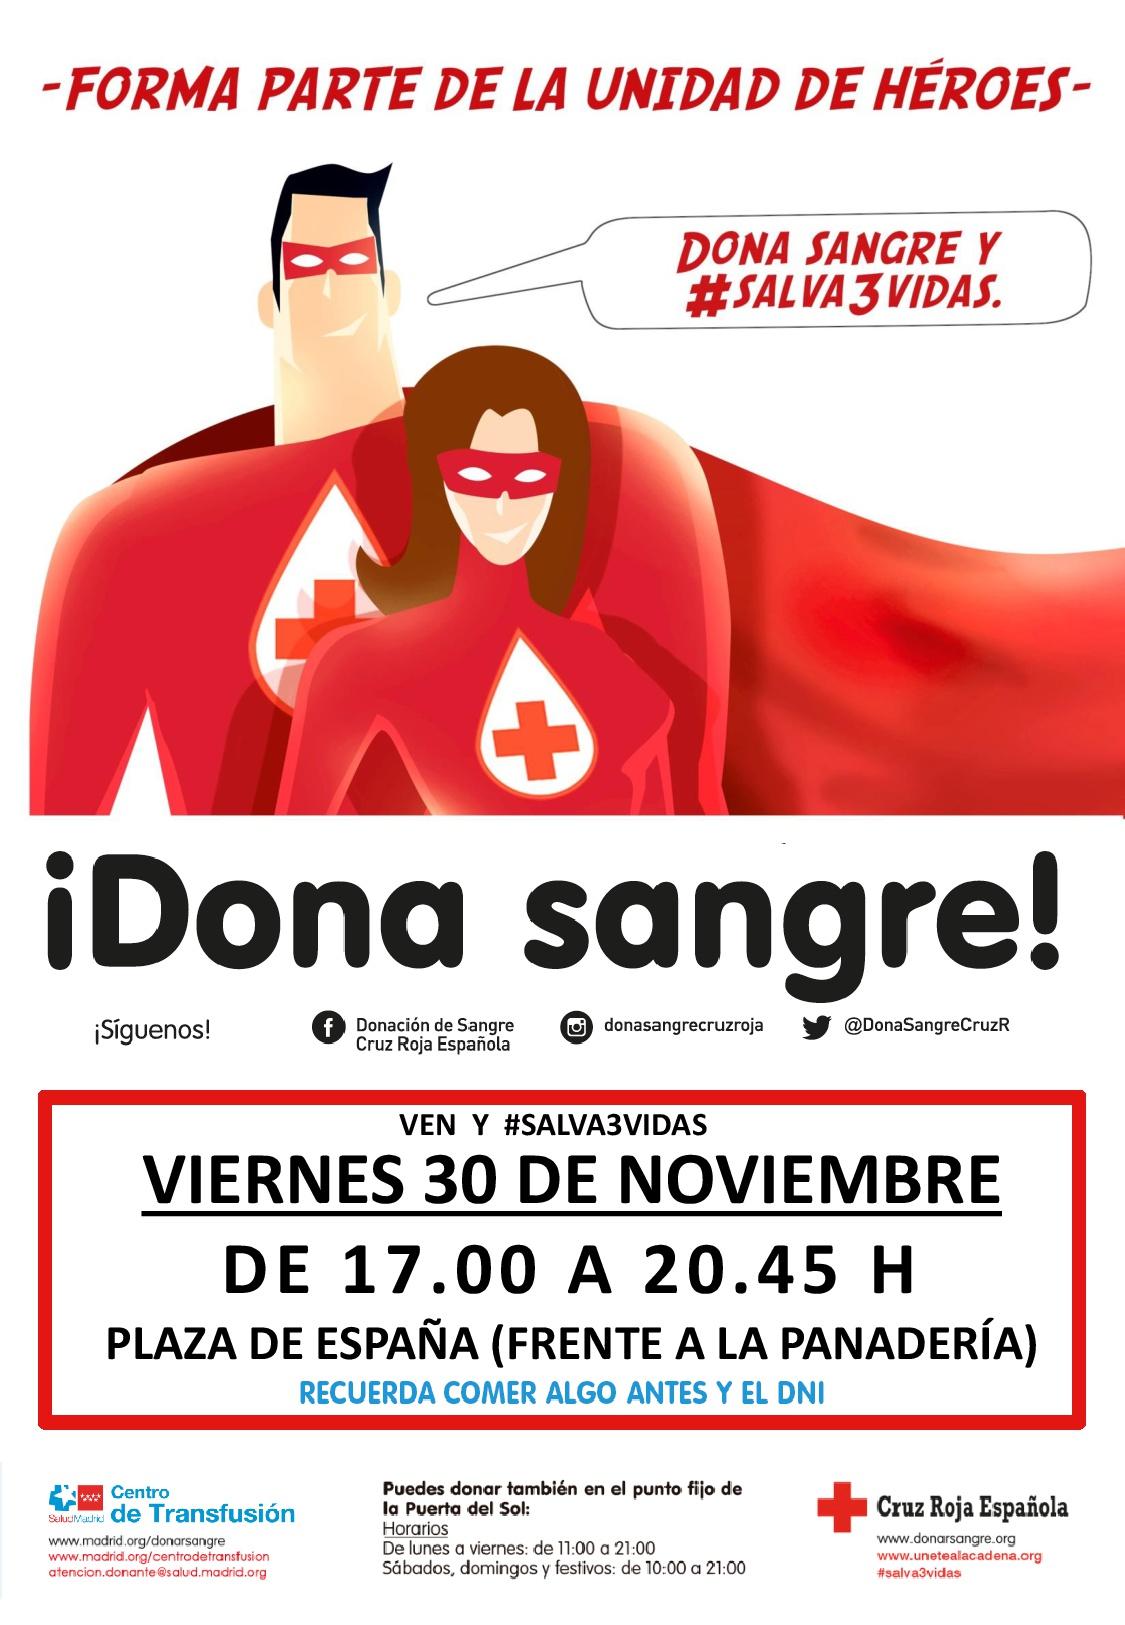 Autobús Donación de Sangre de Cruz Roja @ Plaza de España